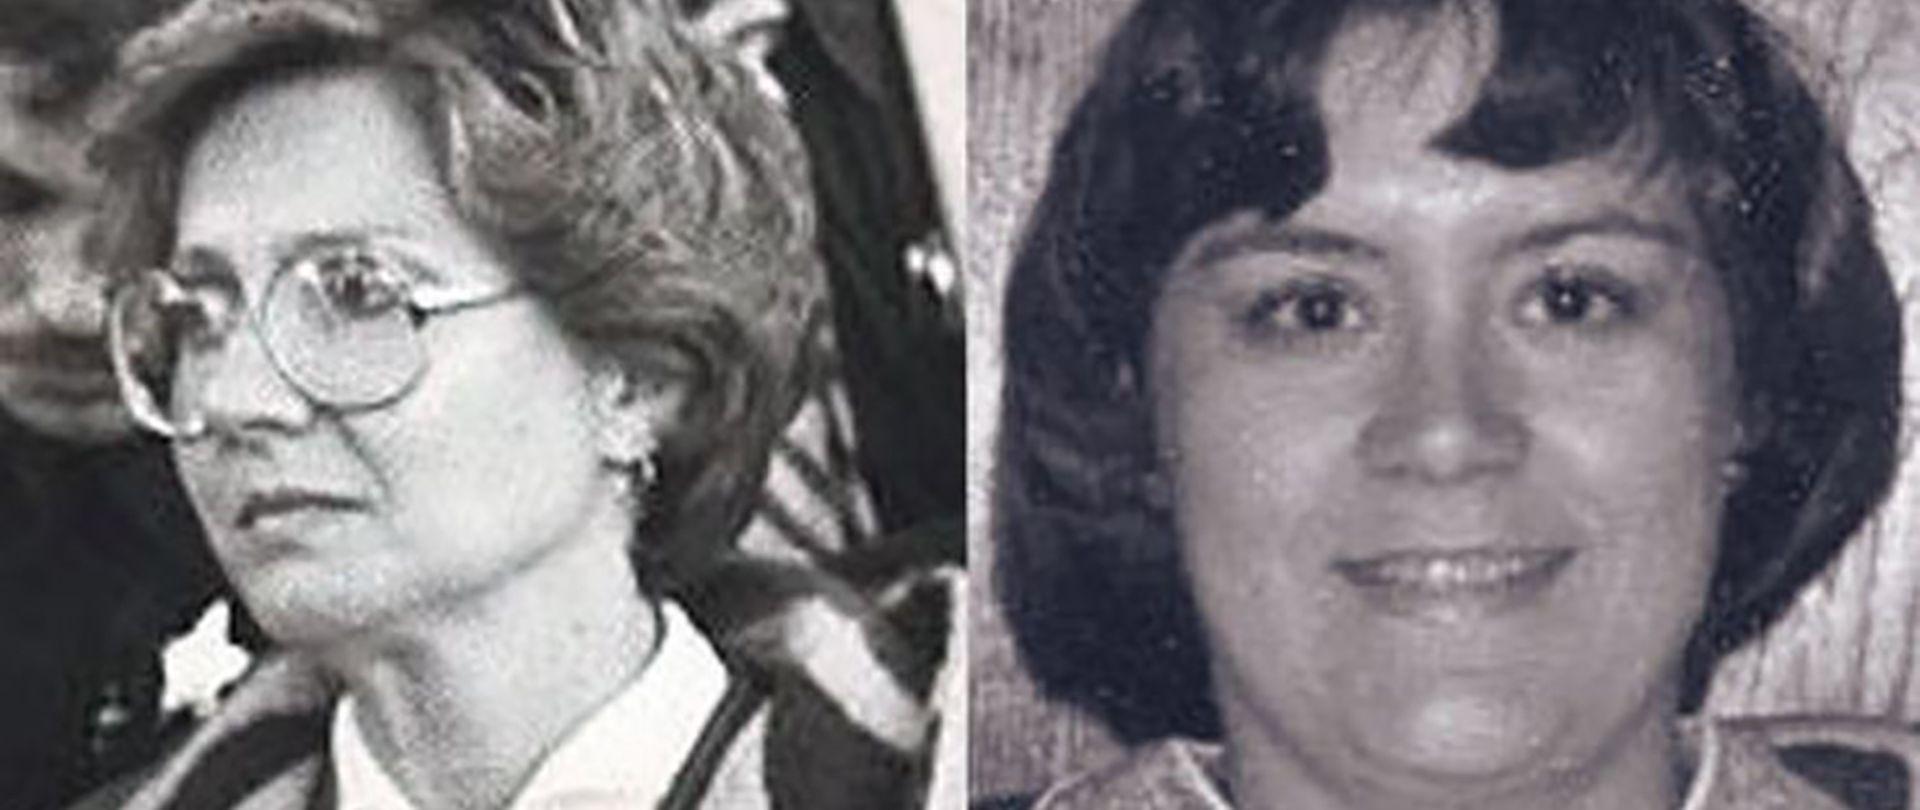 Mỹ nữ Elizabeth Olsen hóa tiểu tam khát máu, cầm rìu giết chính thất dựa theo vụ án có thật từng gây rúng động - Ảnh 2.